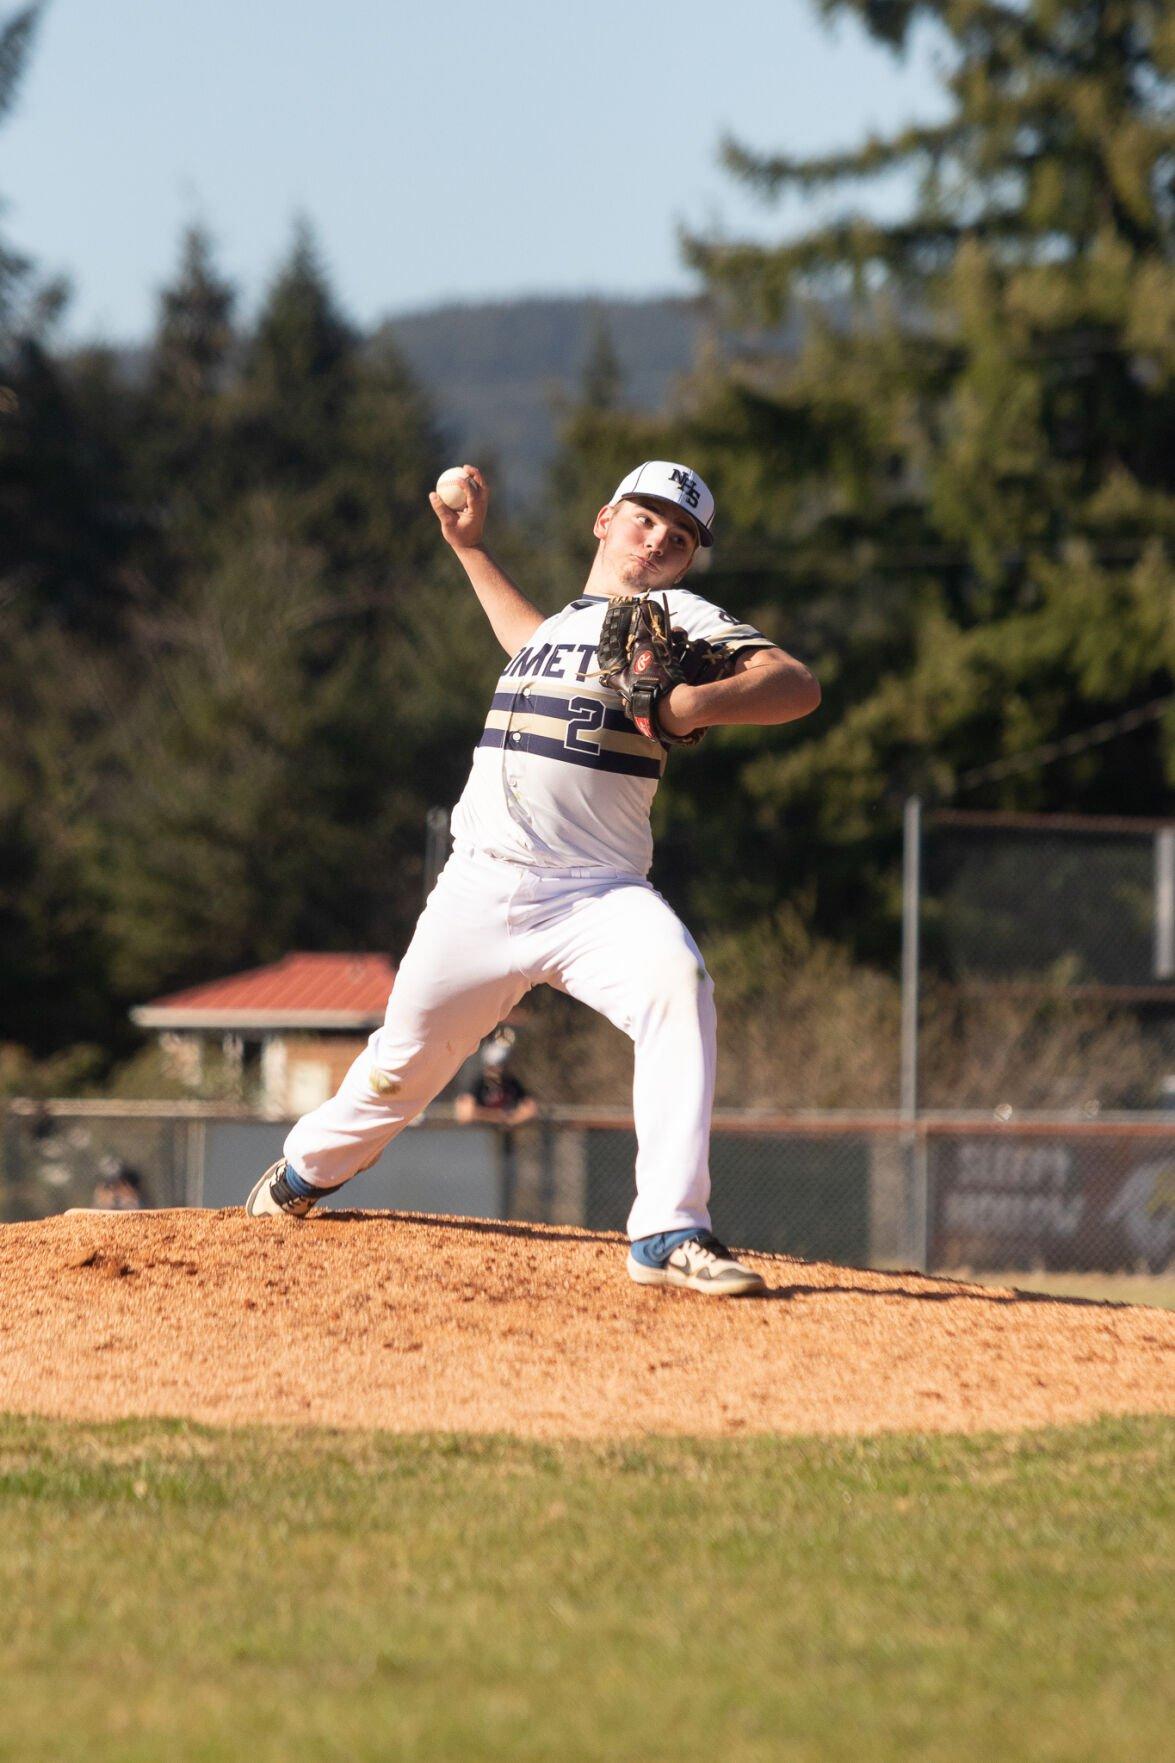 Wirkkala pitching